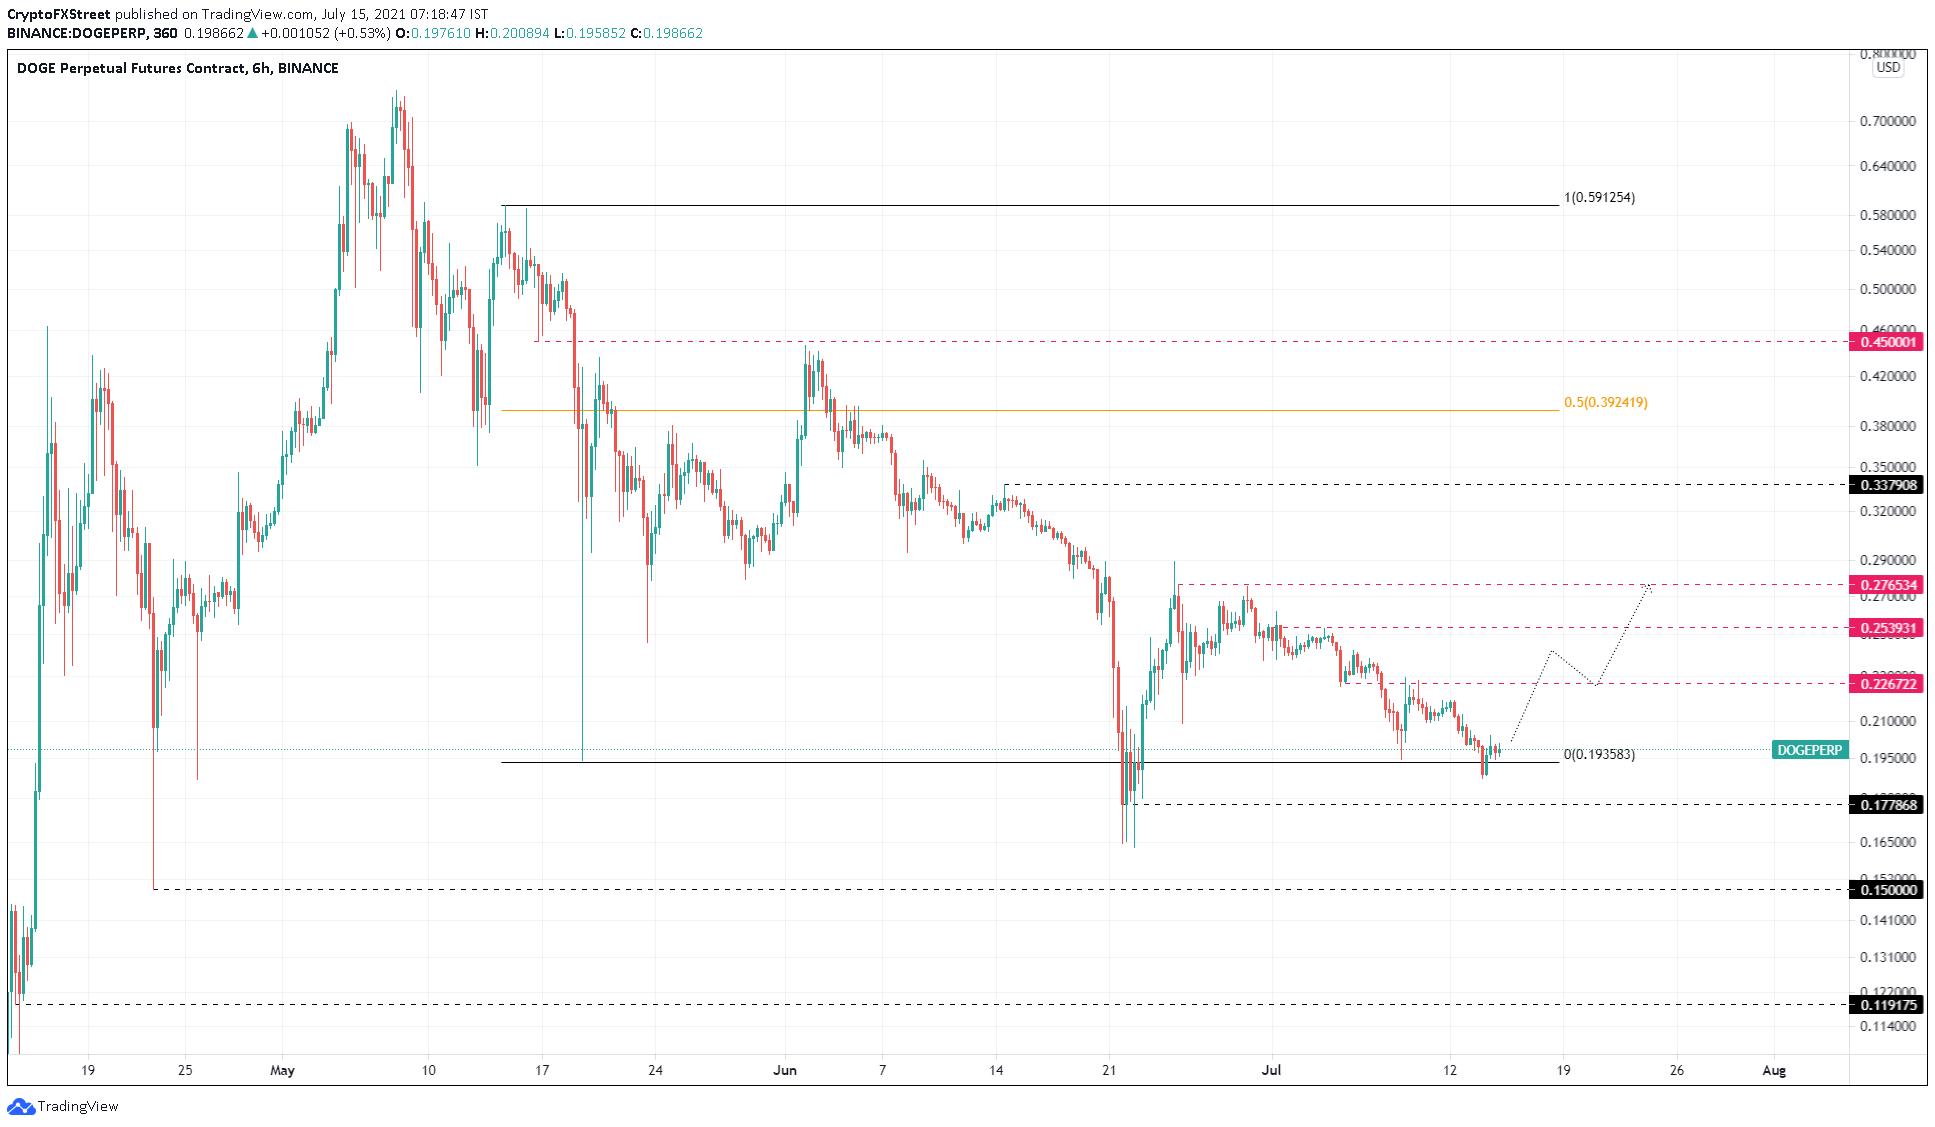 Gráfico de preço de Dogecoin